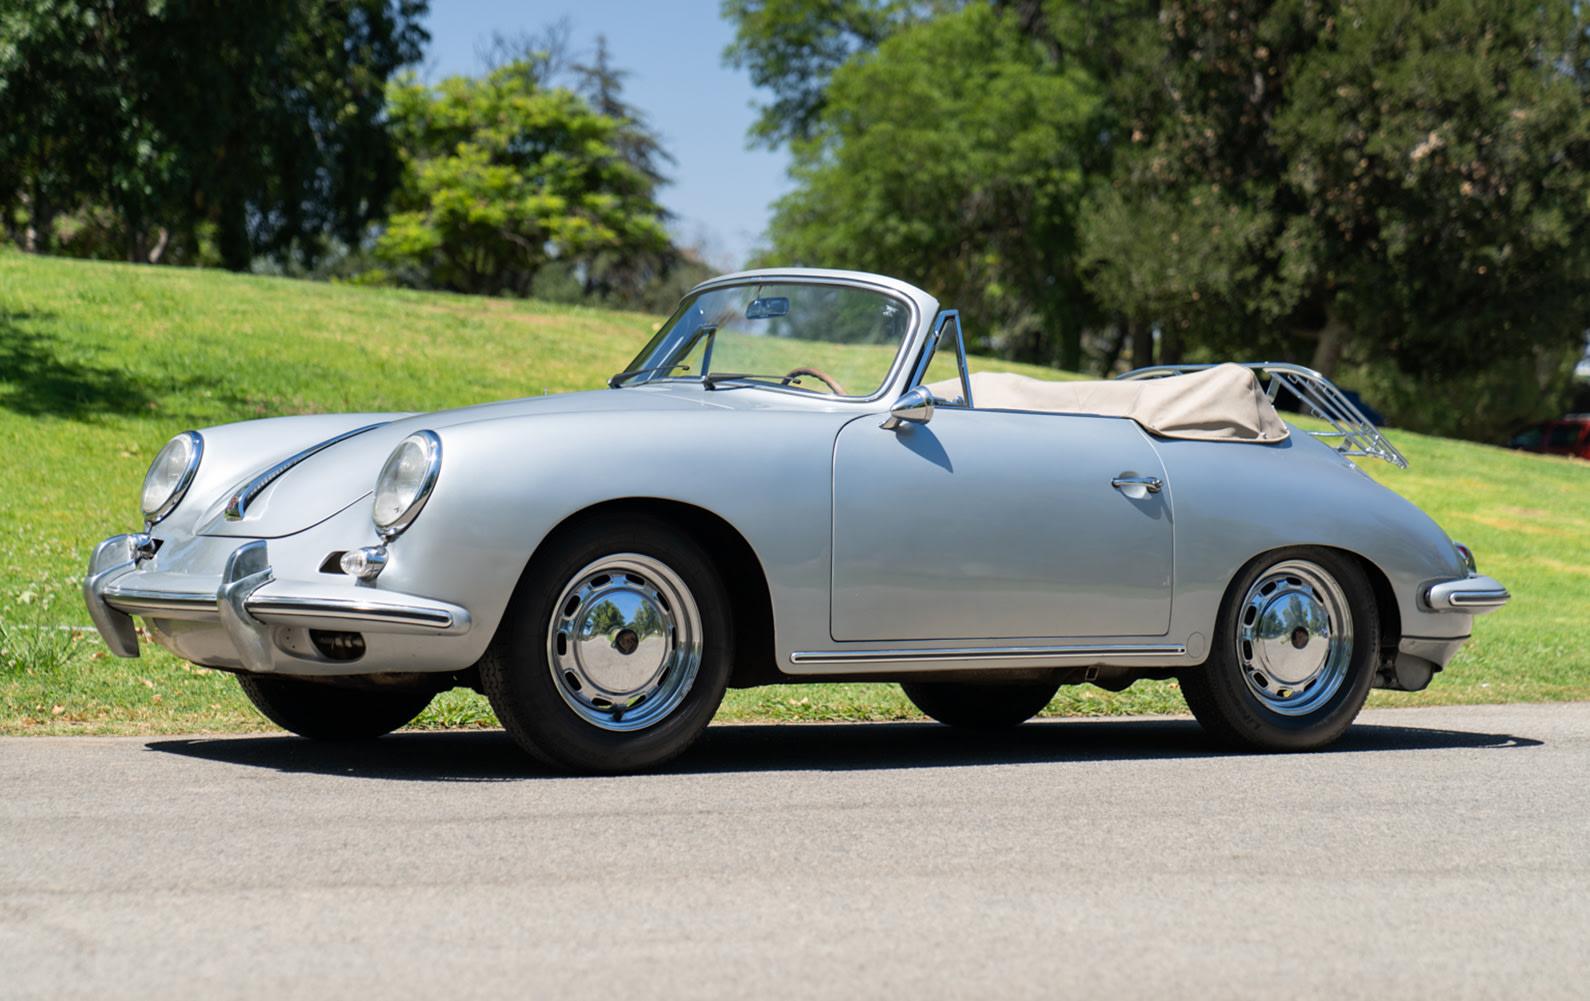 1964 Porsche 356 C Carrera 2 Cabriolet